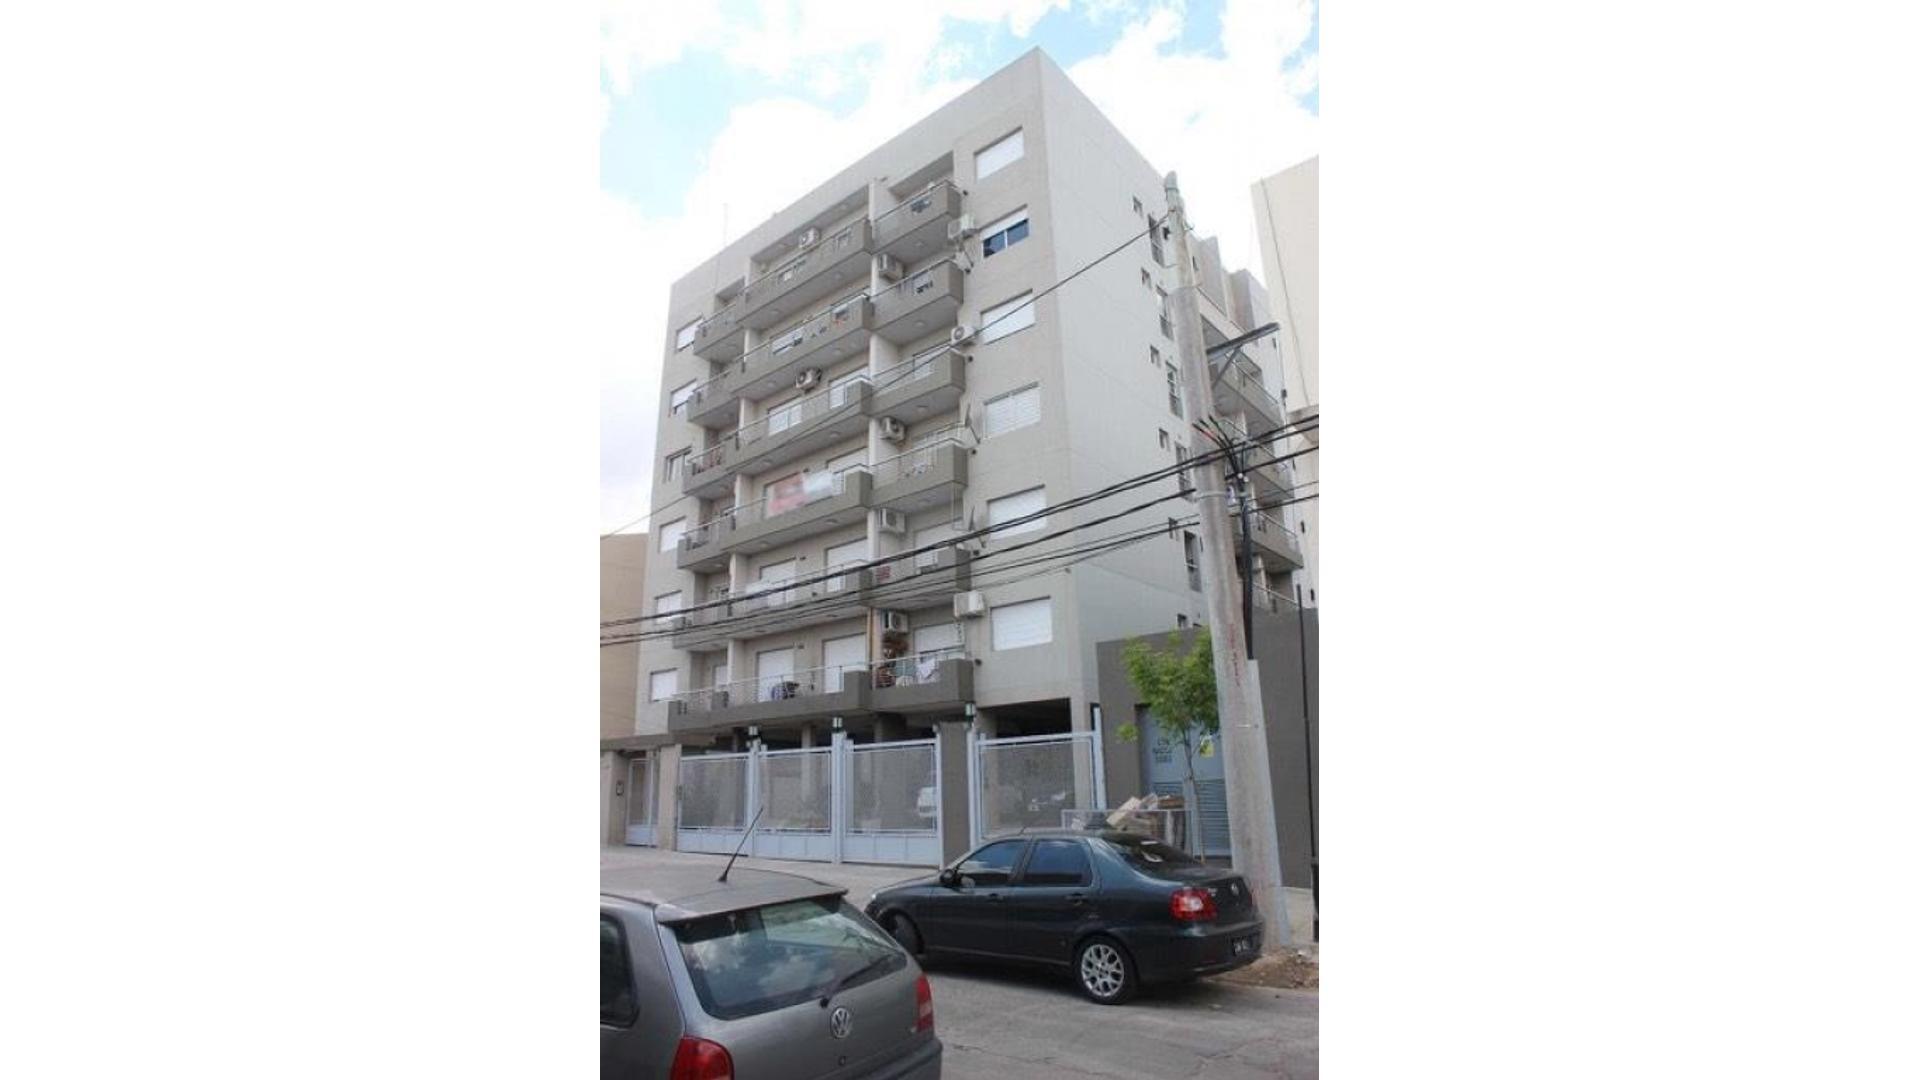 Echague 100 - U$D 79.000 - Departamento en Venta